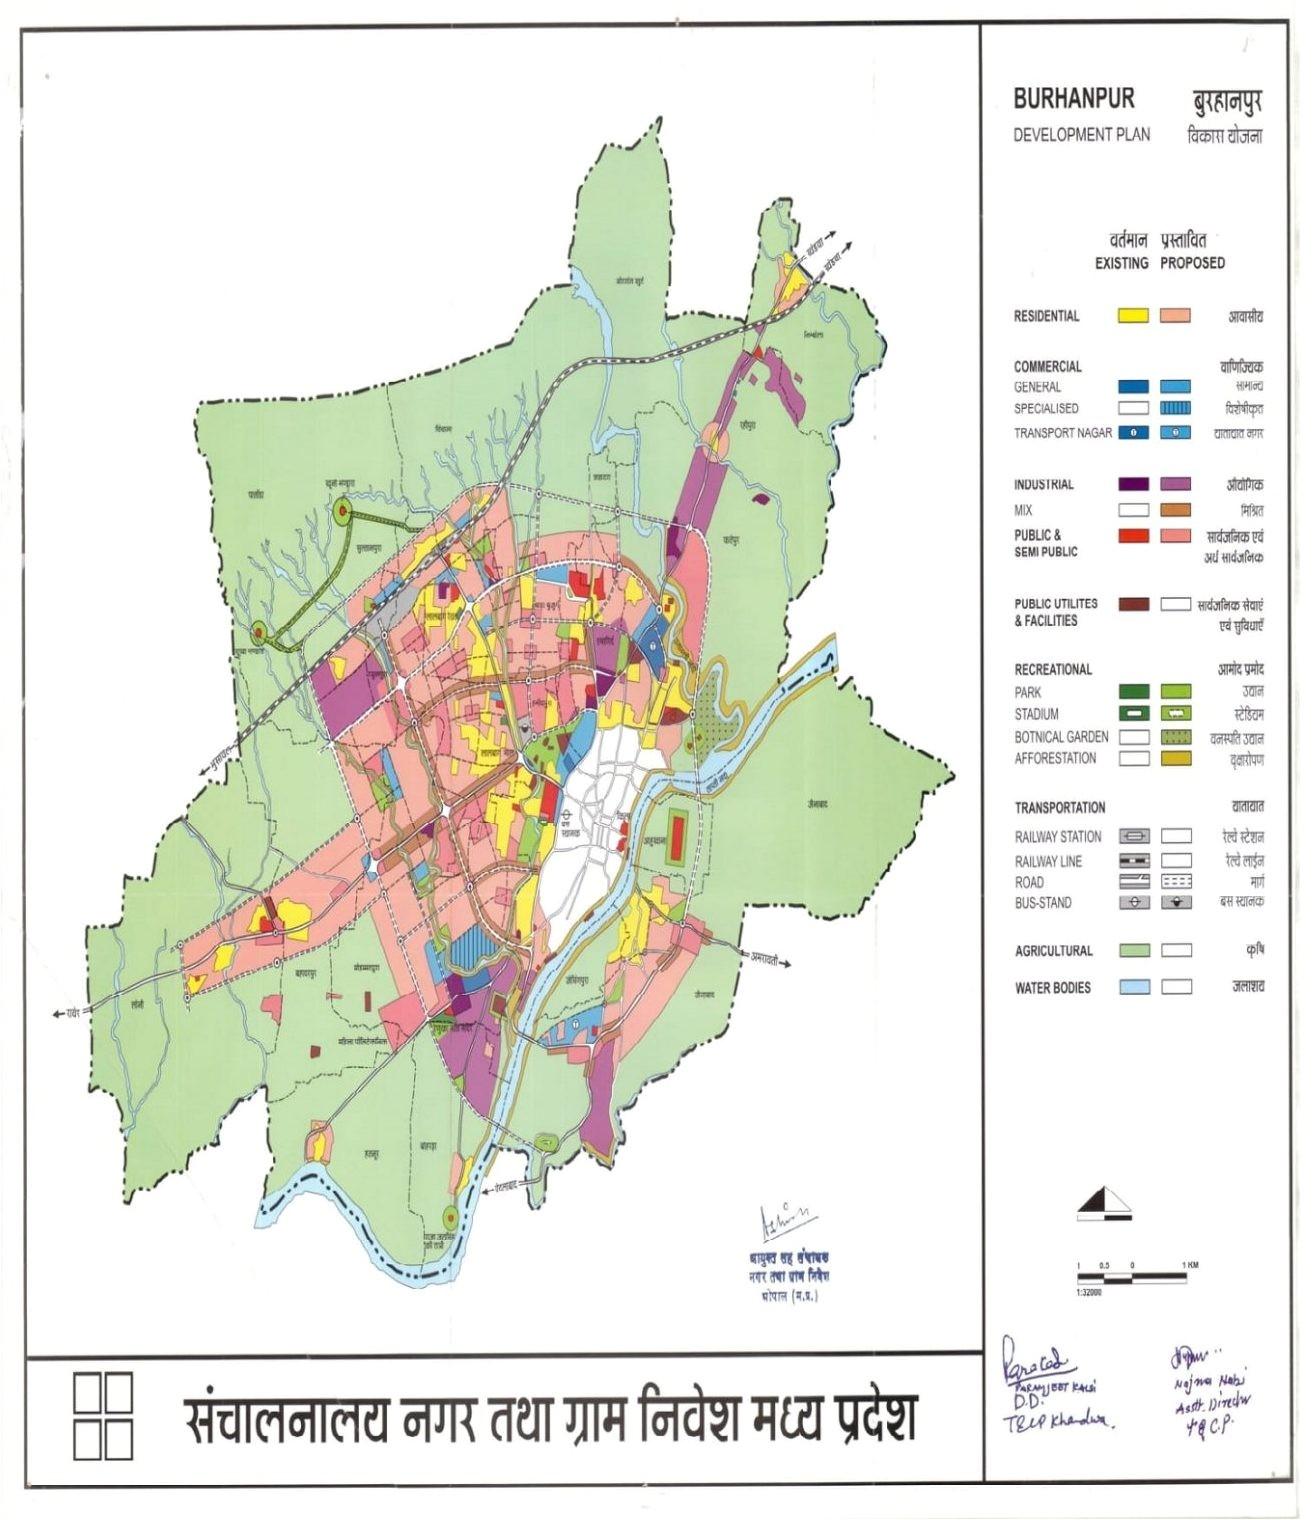 burhanpur master plan 2021